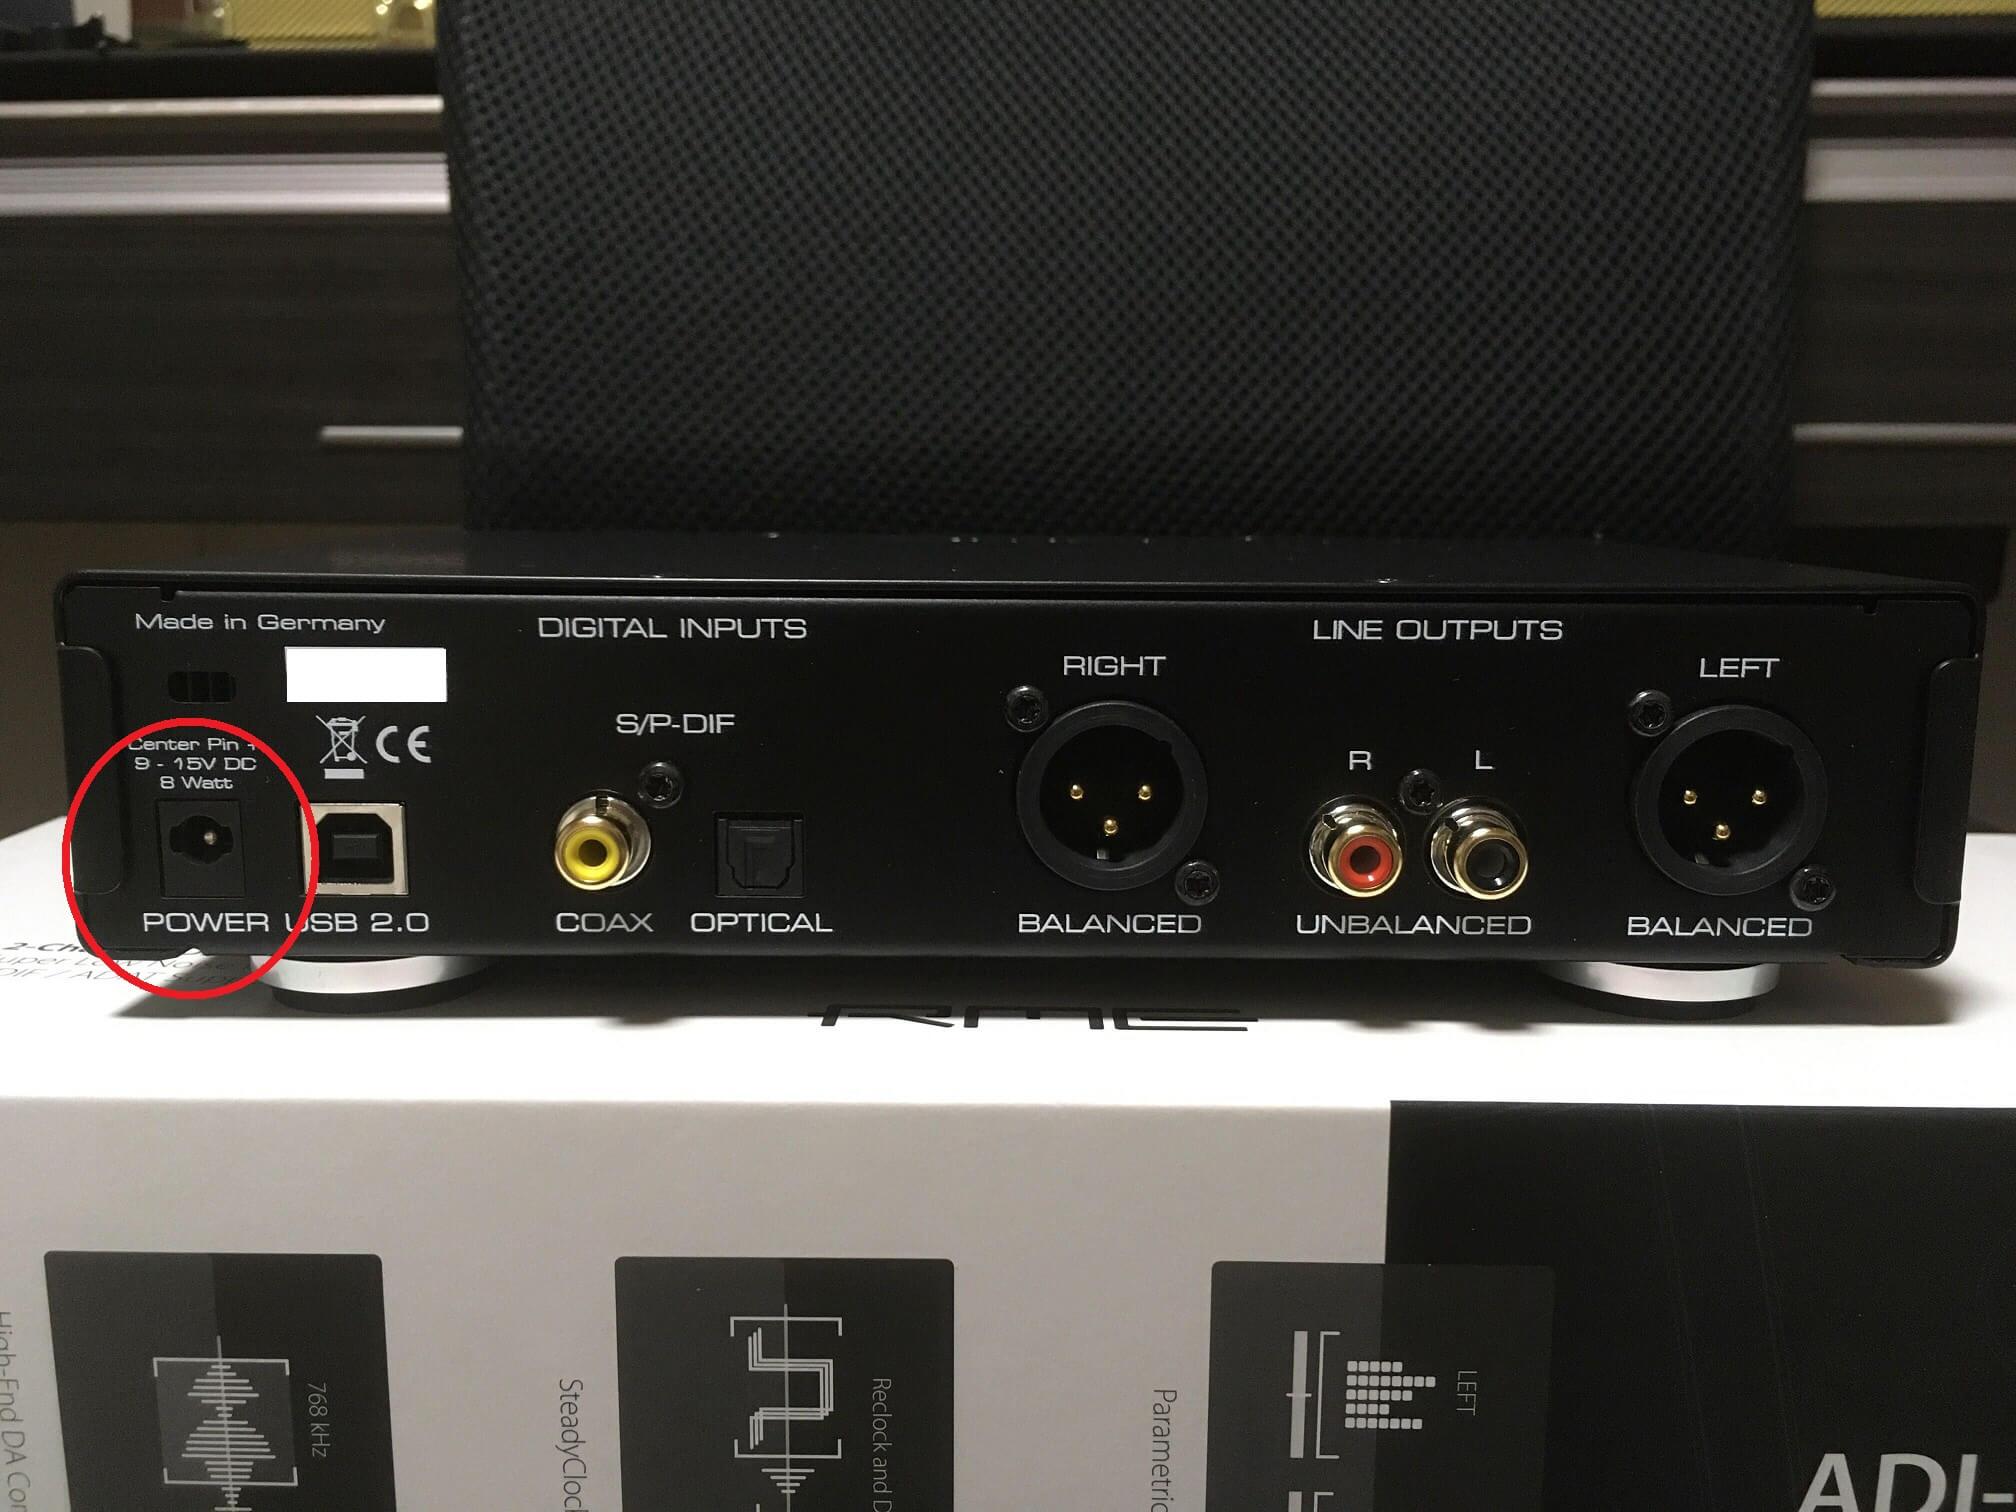 ADI-2 DAC FS 電源ポート